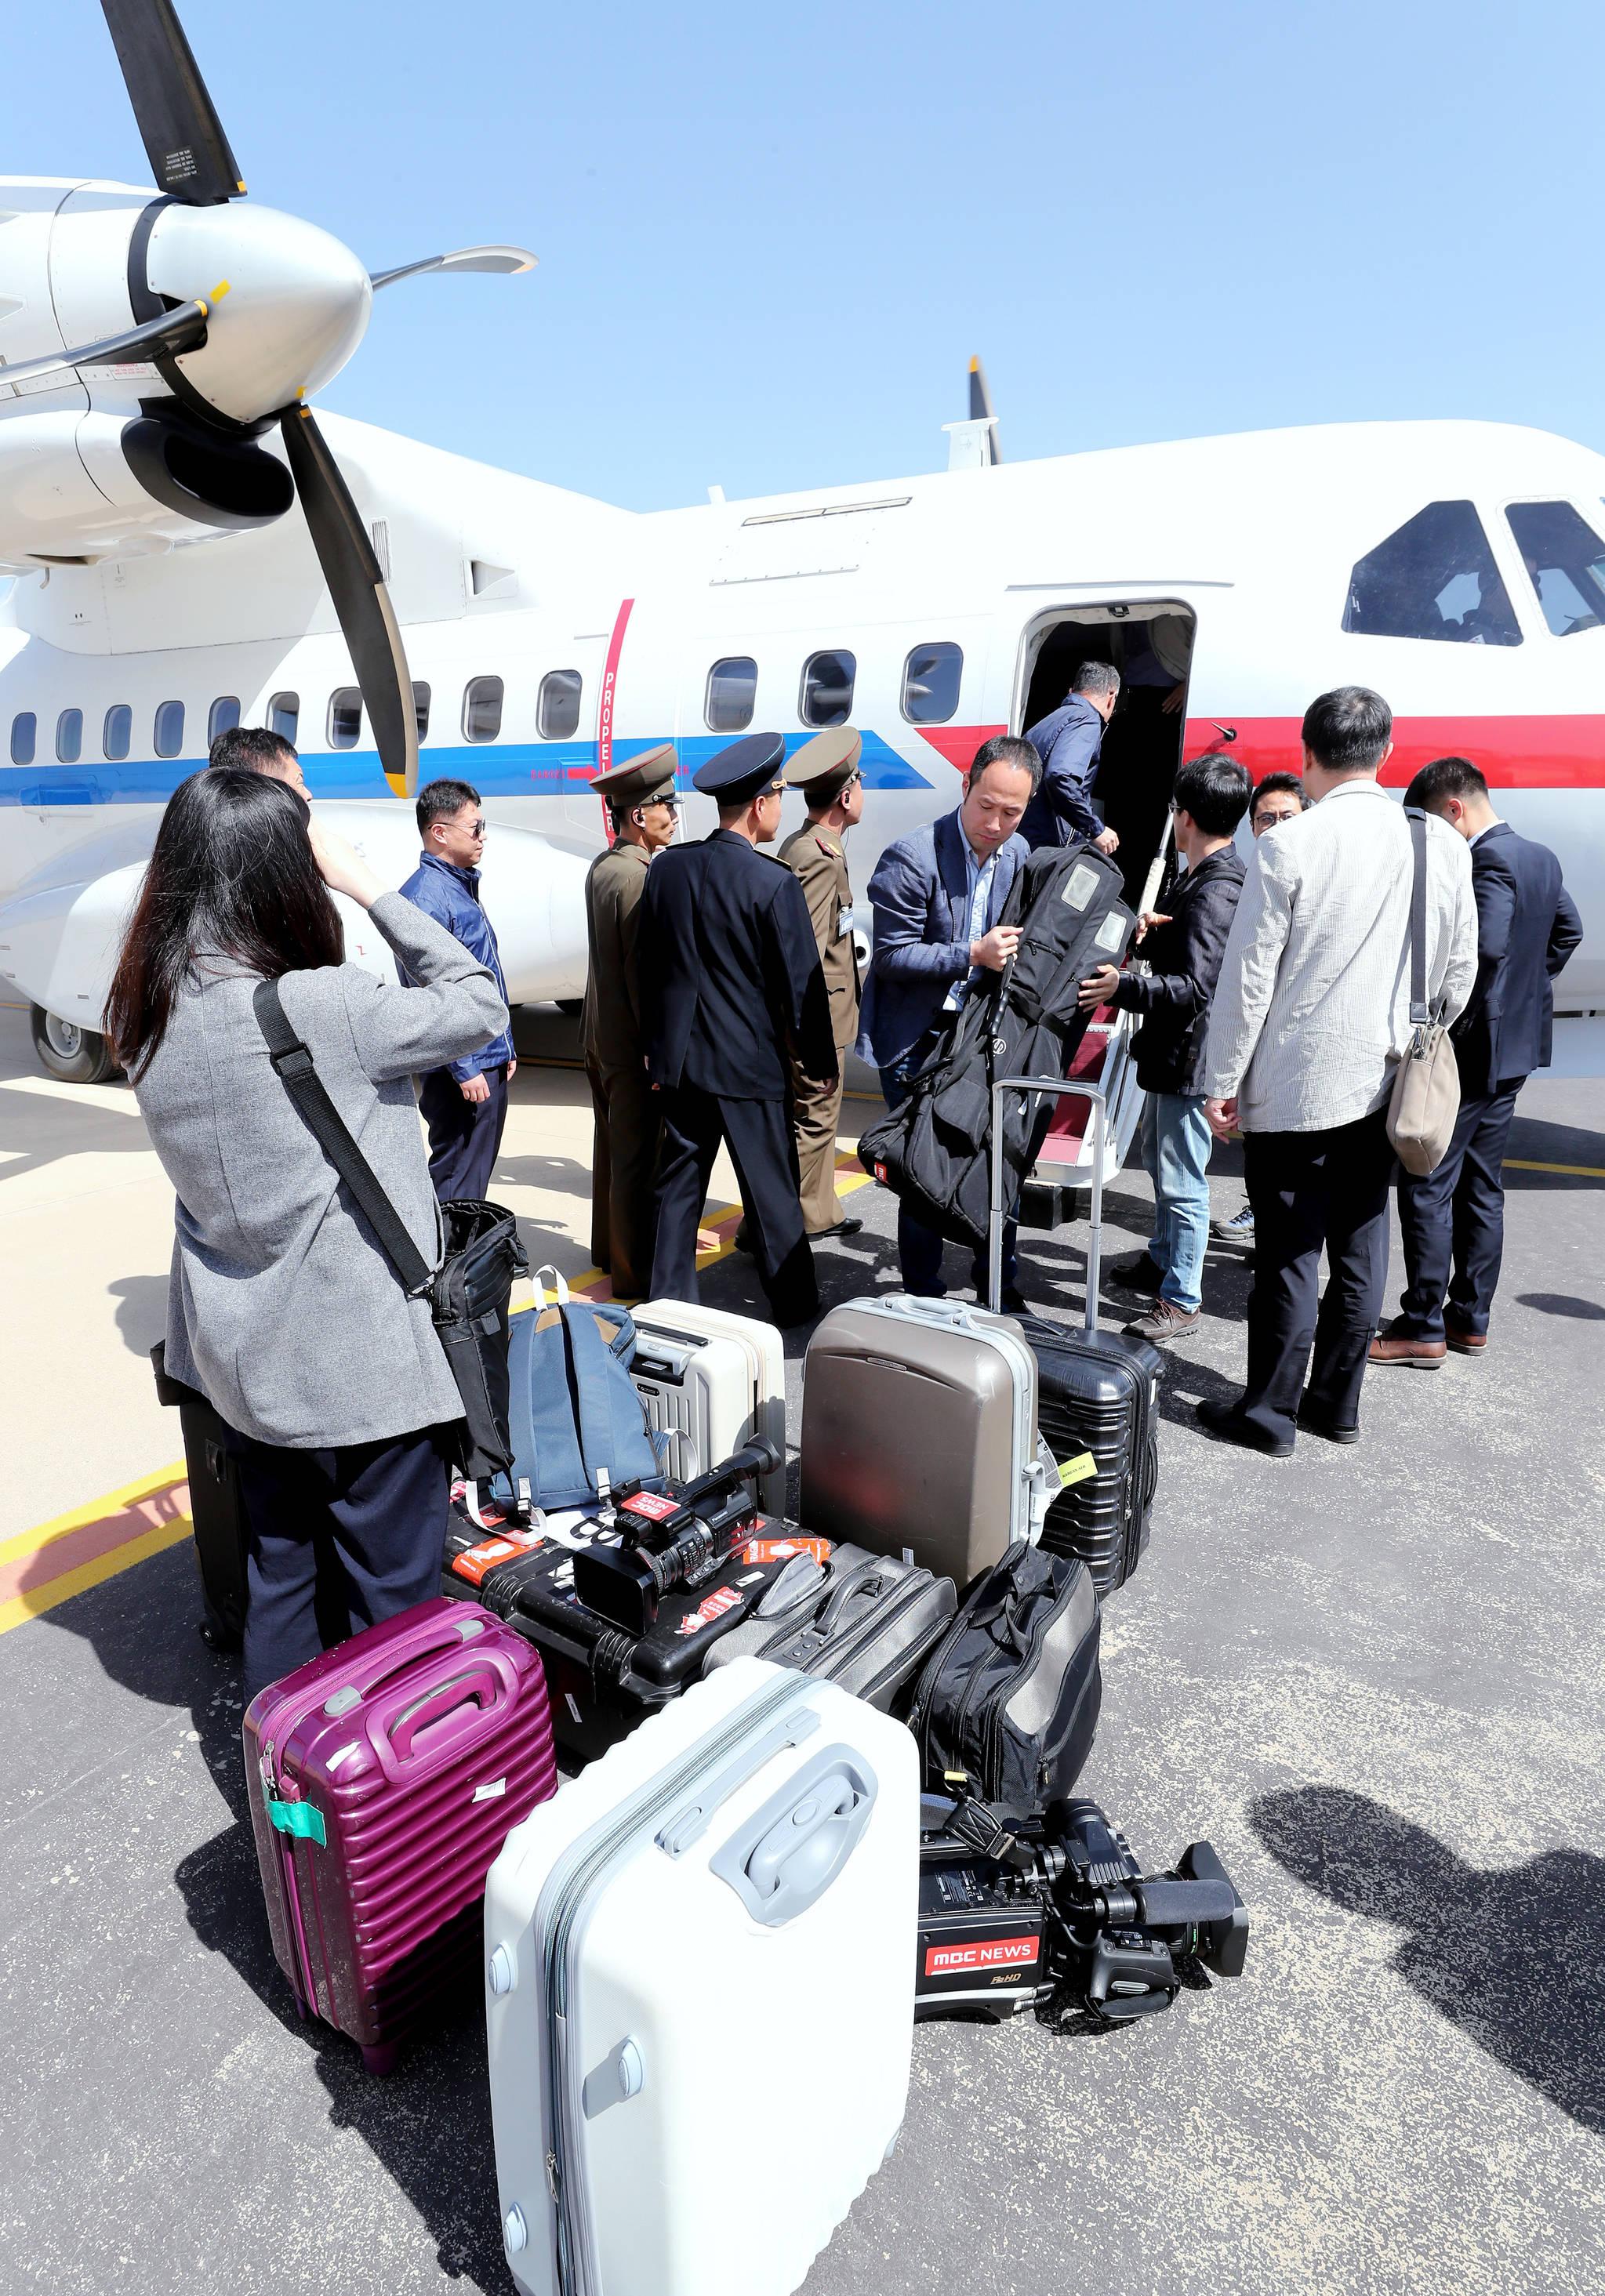 풍계리 핵실험장 폐기 남측 공동취재단이 23일 오후 북한 강원도 원산 갈마비행장에 도착하고 있다. 사진공동취재단